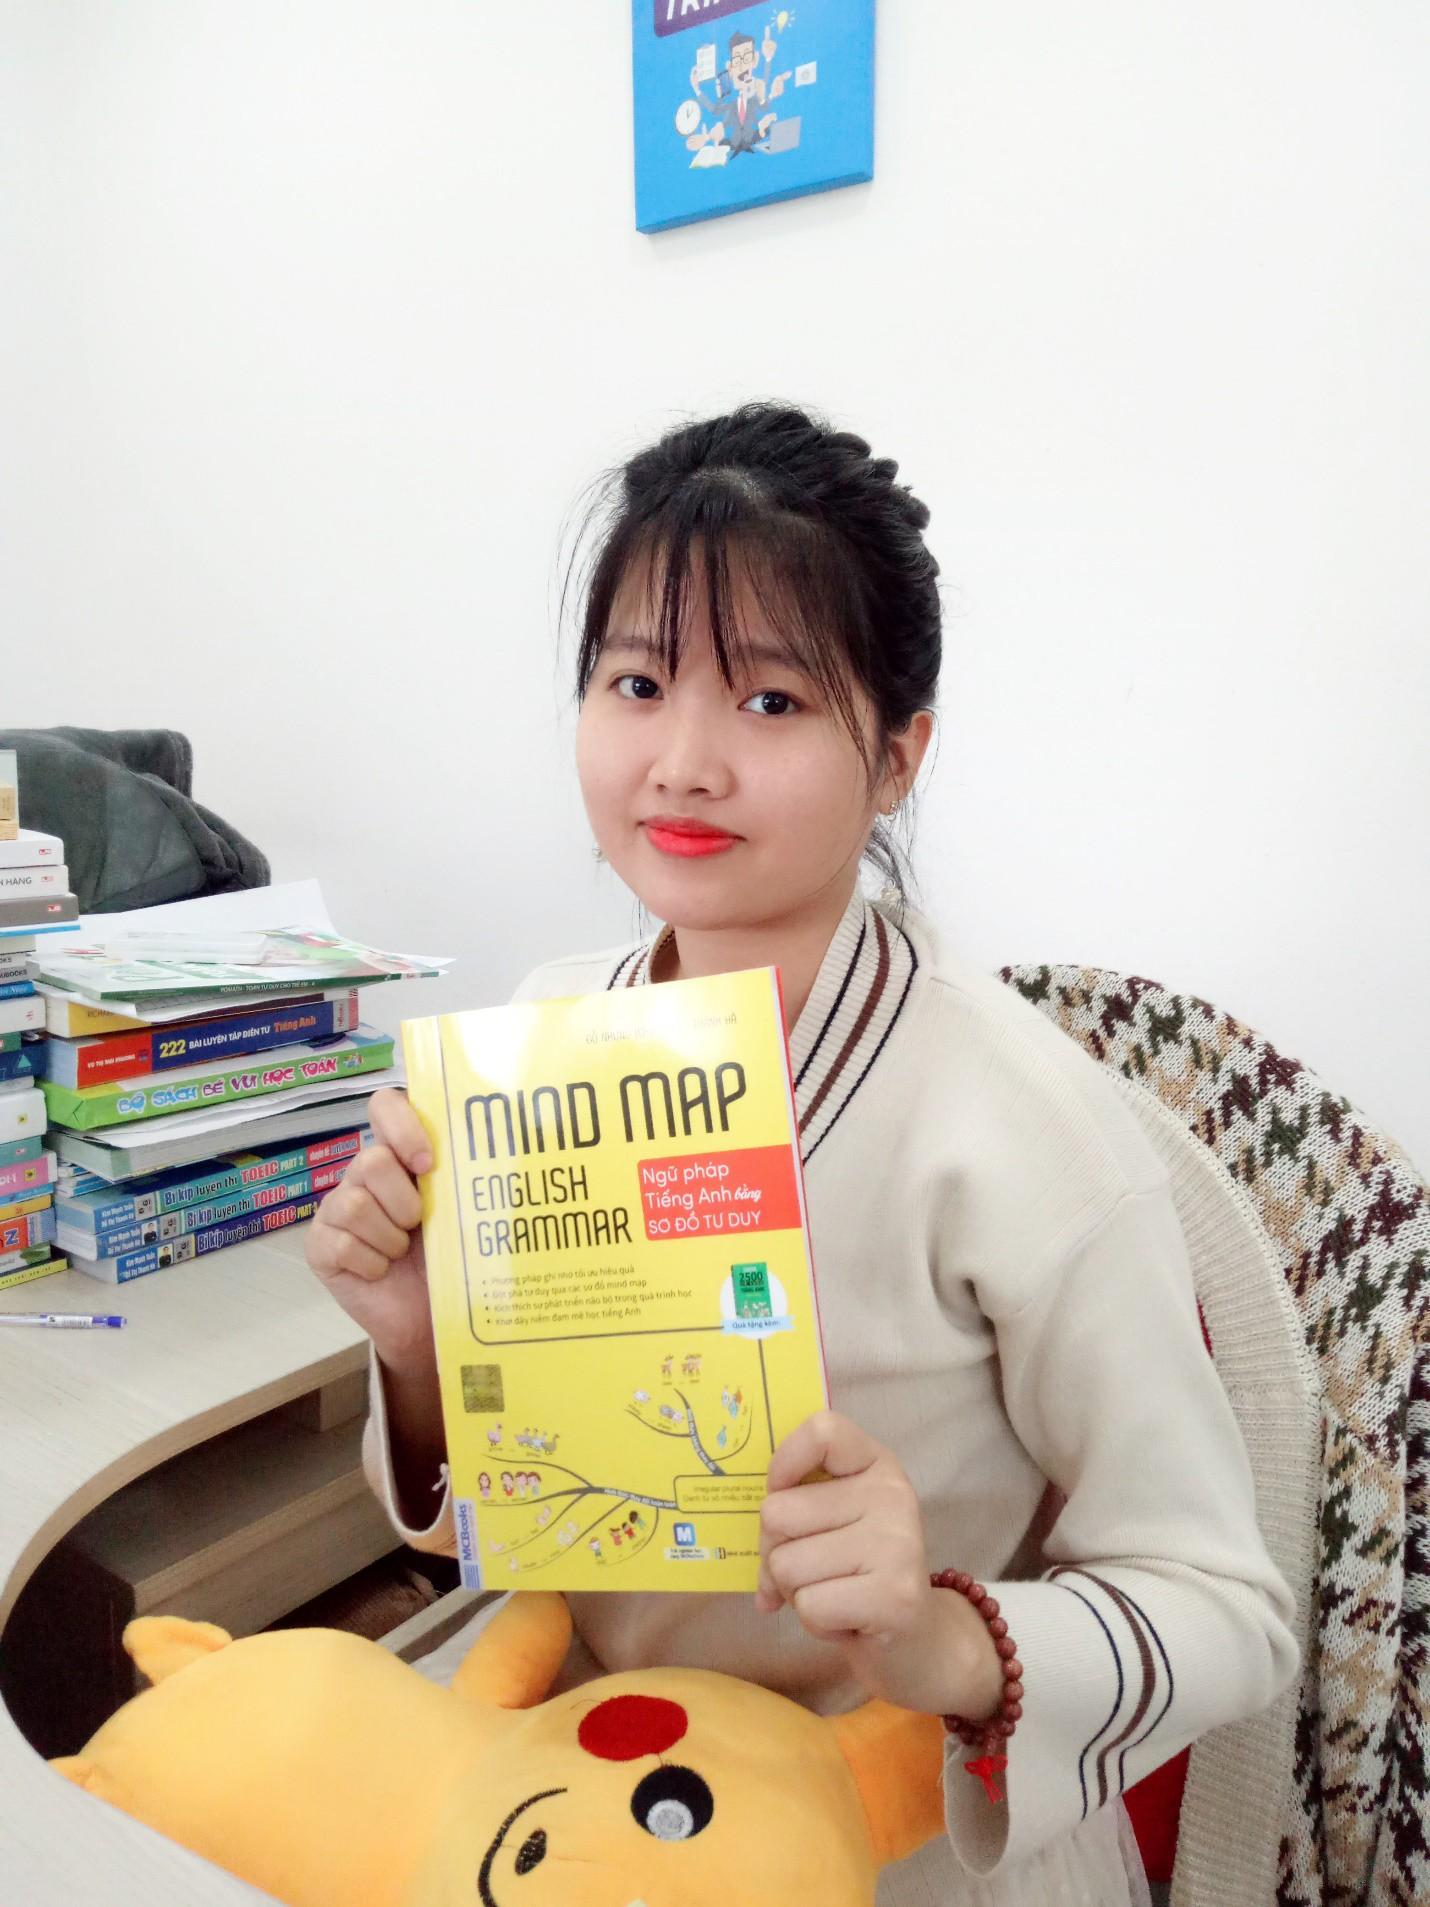 Review cuốn sách Mind map English Grammar - Ngữ pháp tiếng Anh bằng sơ đồ tư duy - Ảnh 1.